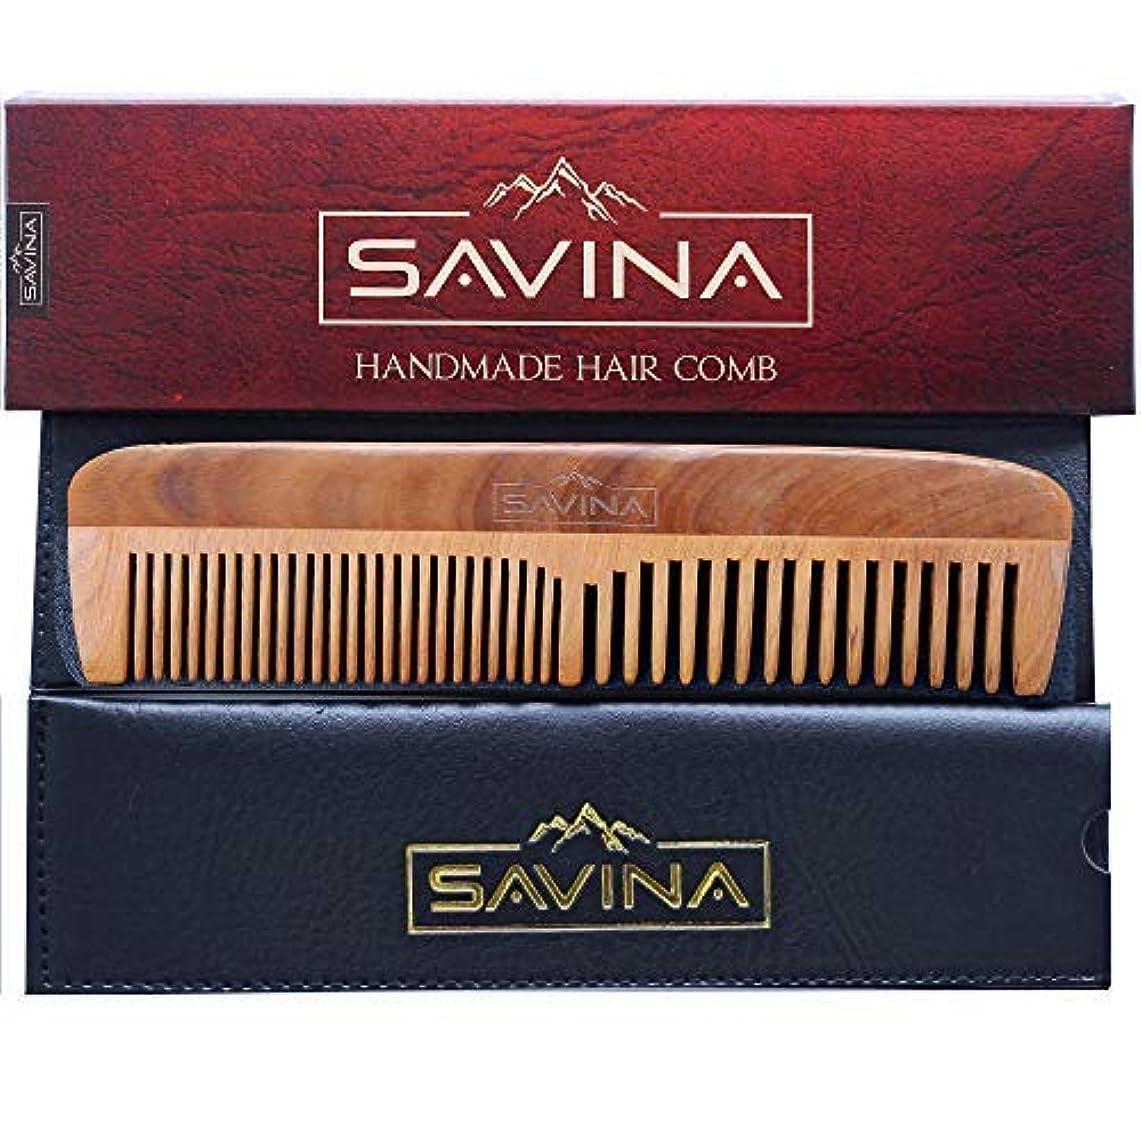 平らなあなたが良くなりますペニーComb For Men - Hair and Beard Comb with Fine and Medium Tooth   Anti Static, No Snag   Pocket Wooden Comb for...